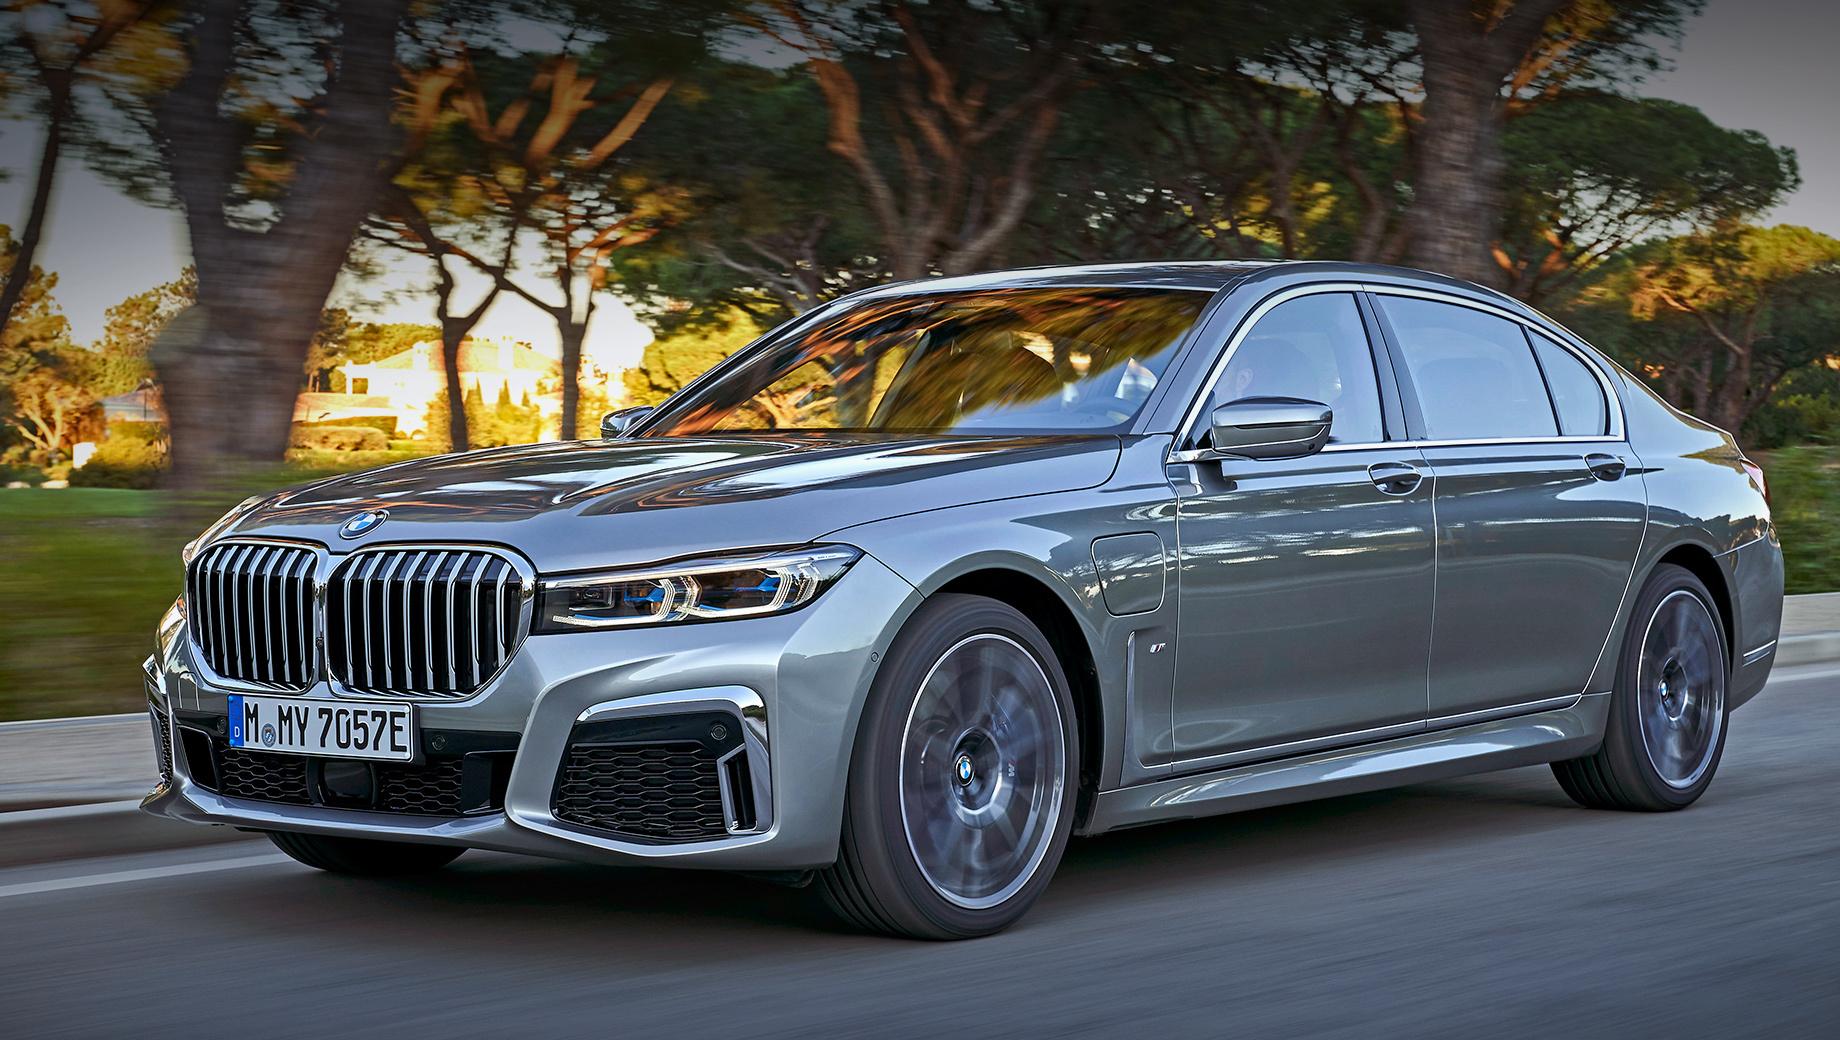 Bmw 7. В нынешнем поколении в гамме седьмой серии есть только подзаряжаемый гибрид BMW 745e, который предлагается с двумя типами привода и в кузове со стандартной и с удлинённой базой. Бензиновая «шестёрка» 3.0 с электромотором выдают 394 л.с. и 600 Н•м. Запас хода на электротяге — 50-58 км.